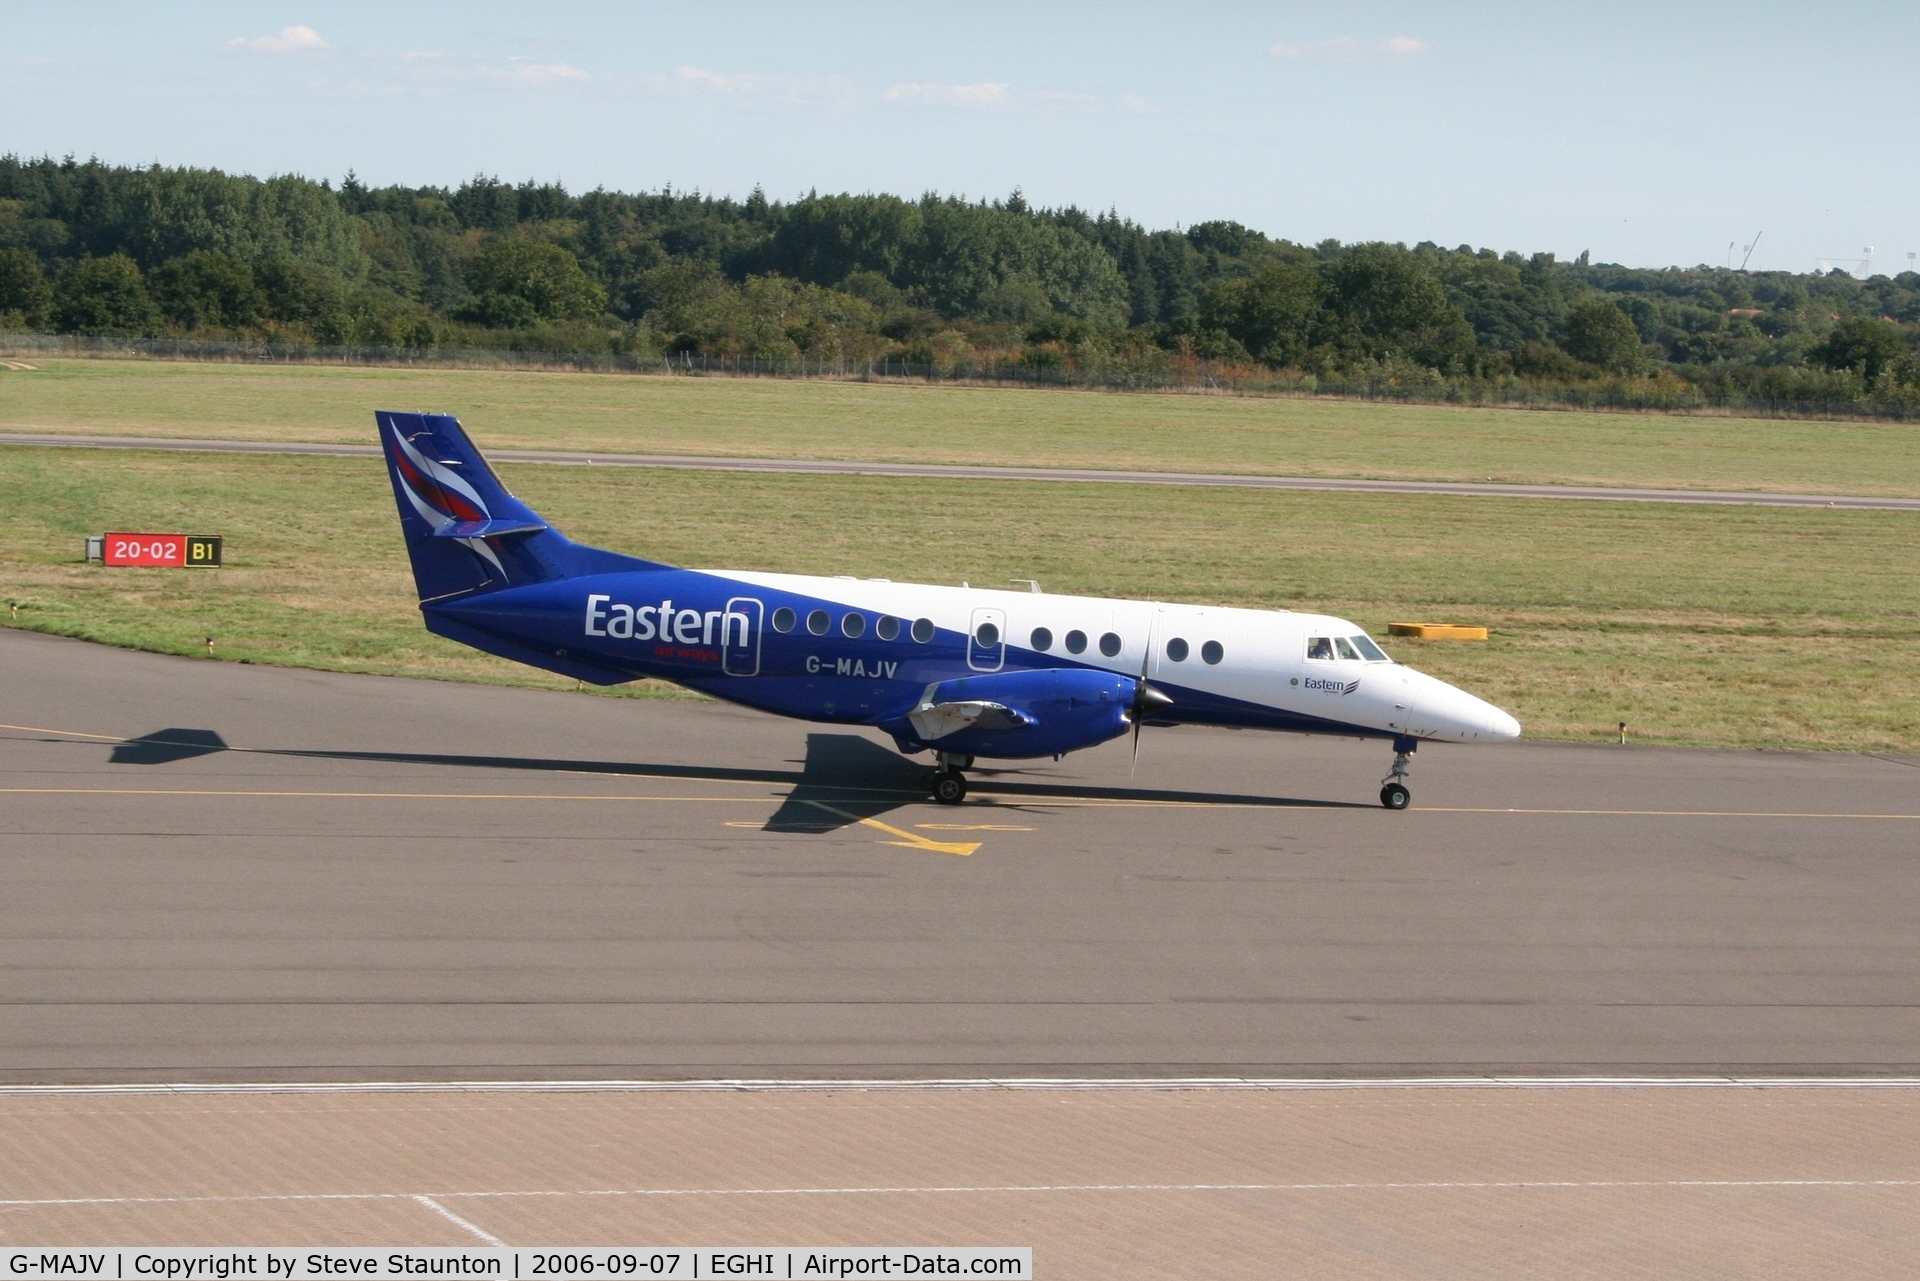 G-MAJV, 1995 British Aerospace Jetstream 41 C/N 41074, Taken at Southampton September 2006